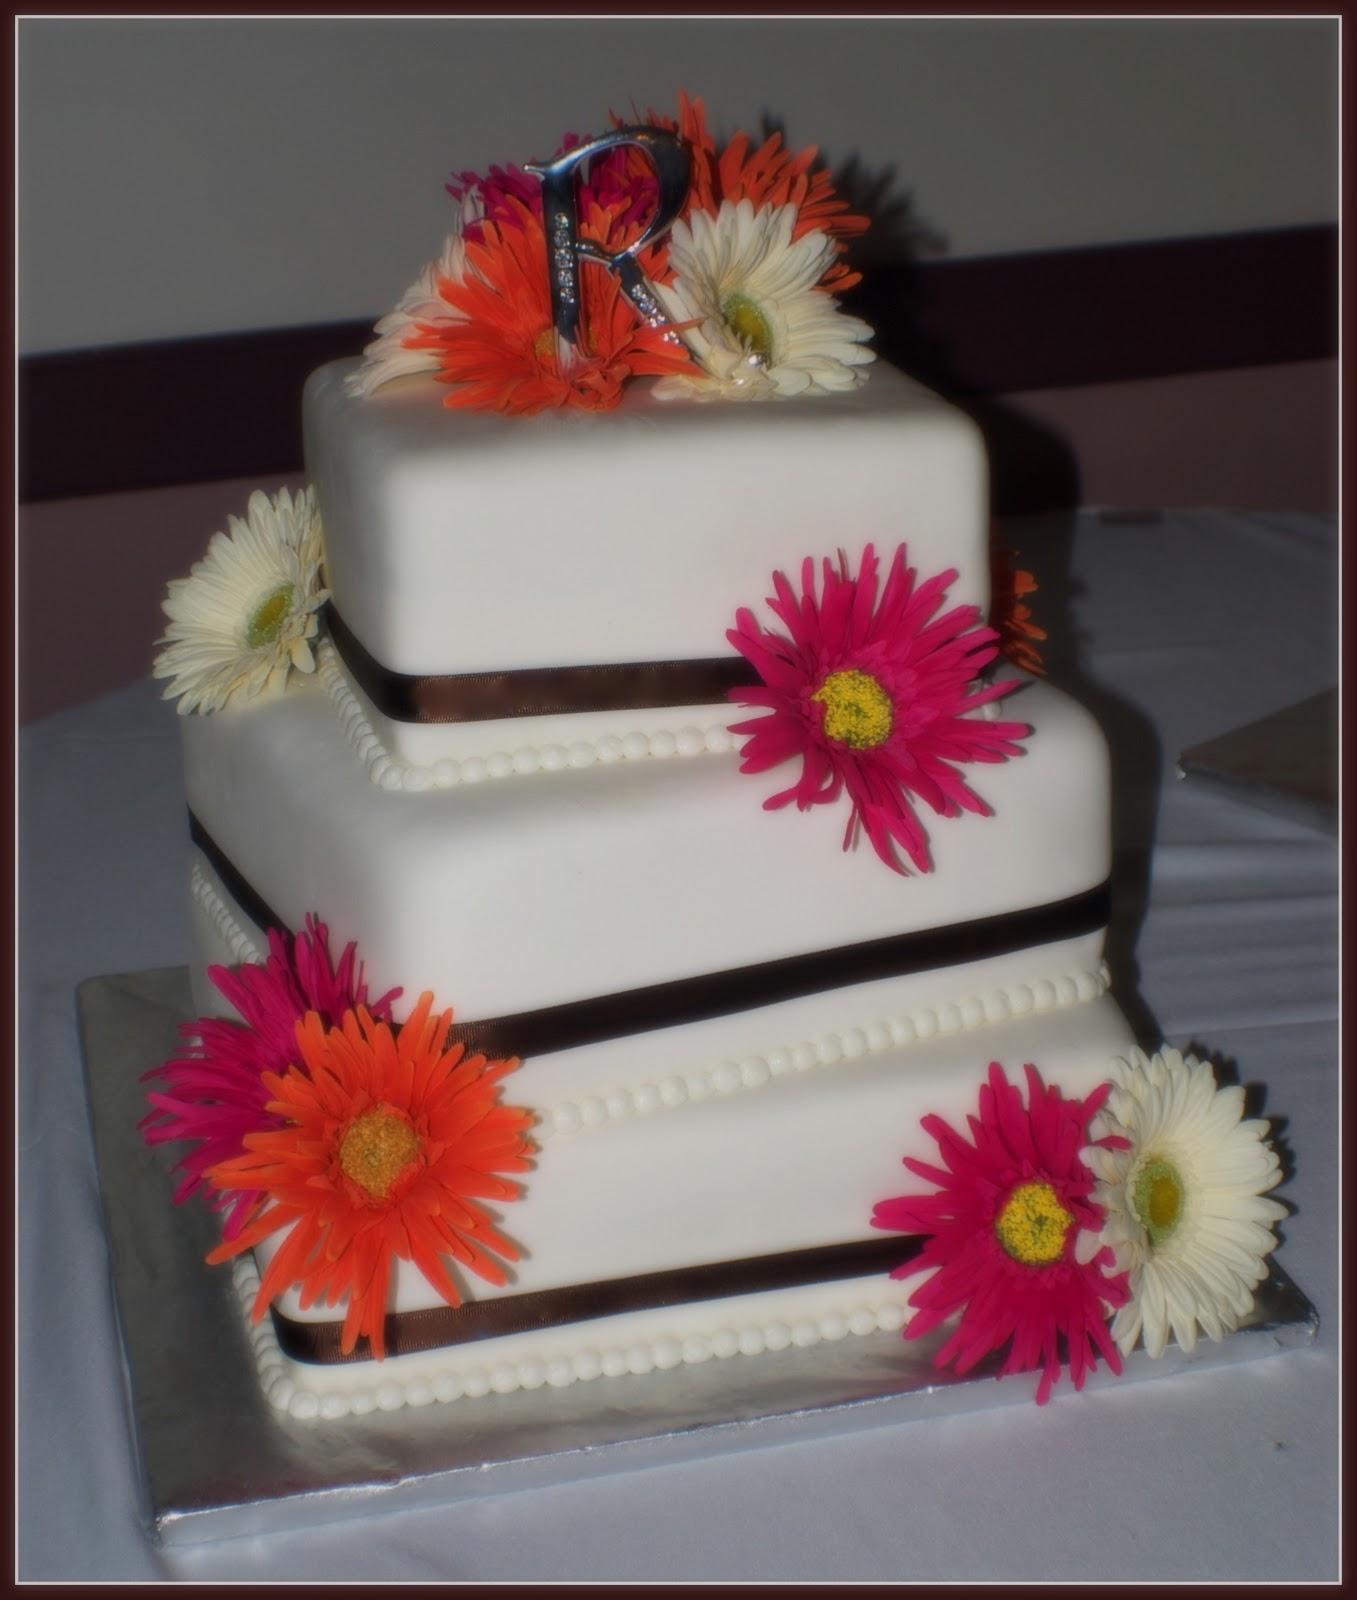 Square Gerber Daisy Cake Ideas and Designs